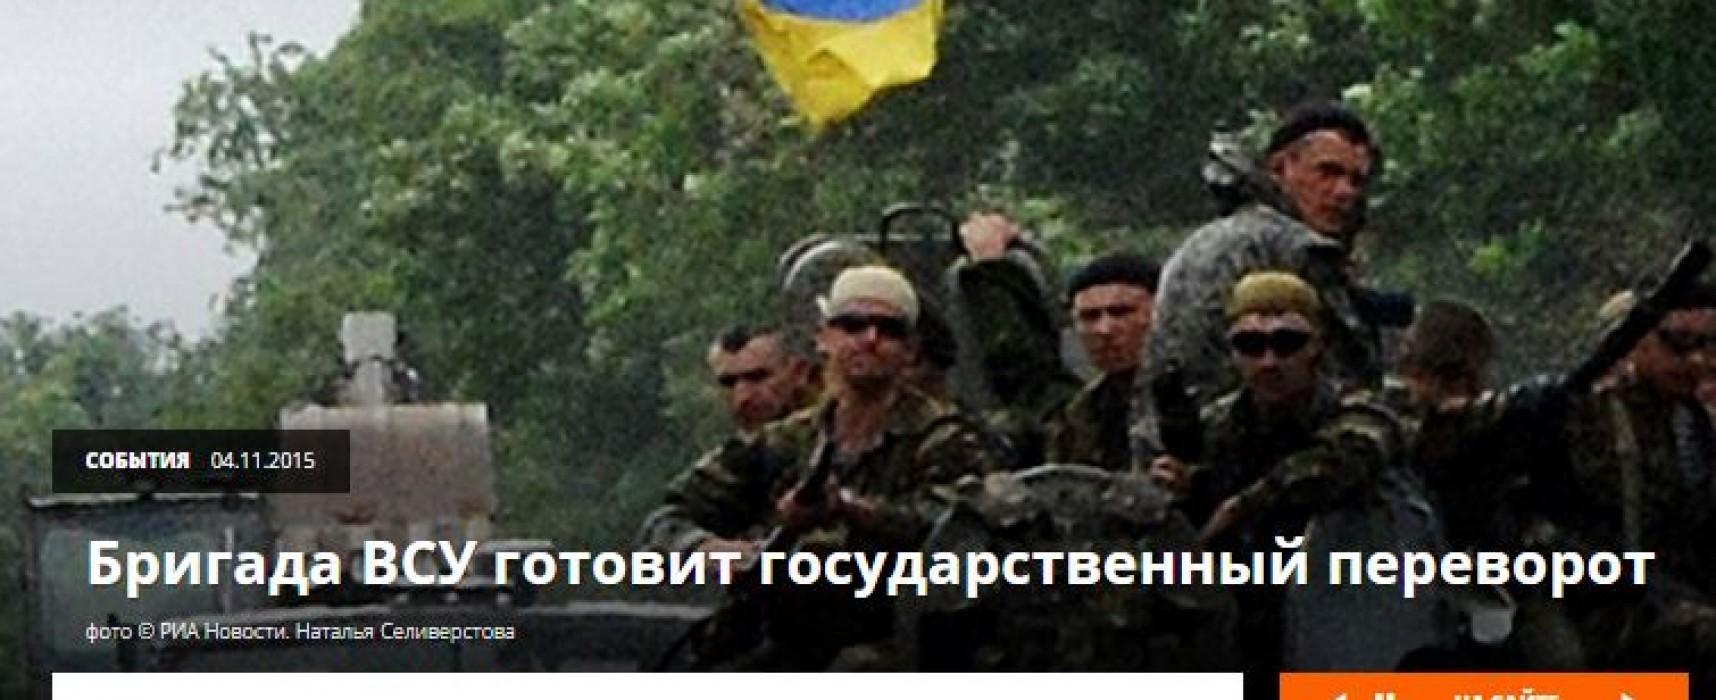 Фейк: Бригада ВСУ готовит государственный переворот